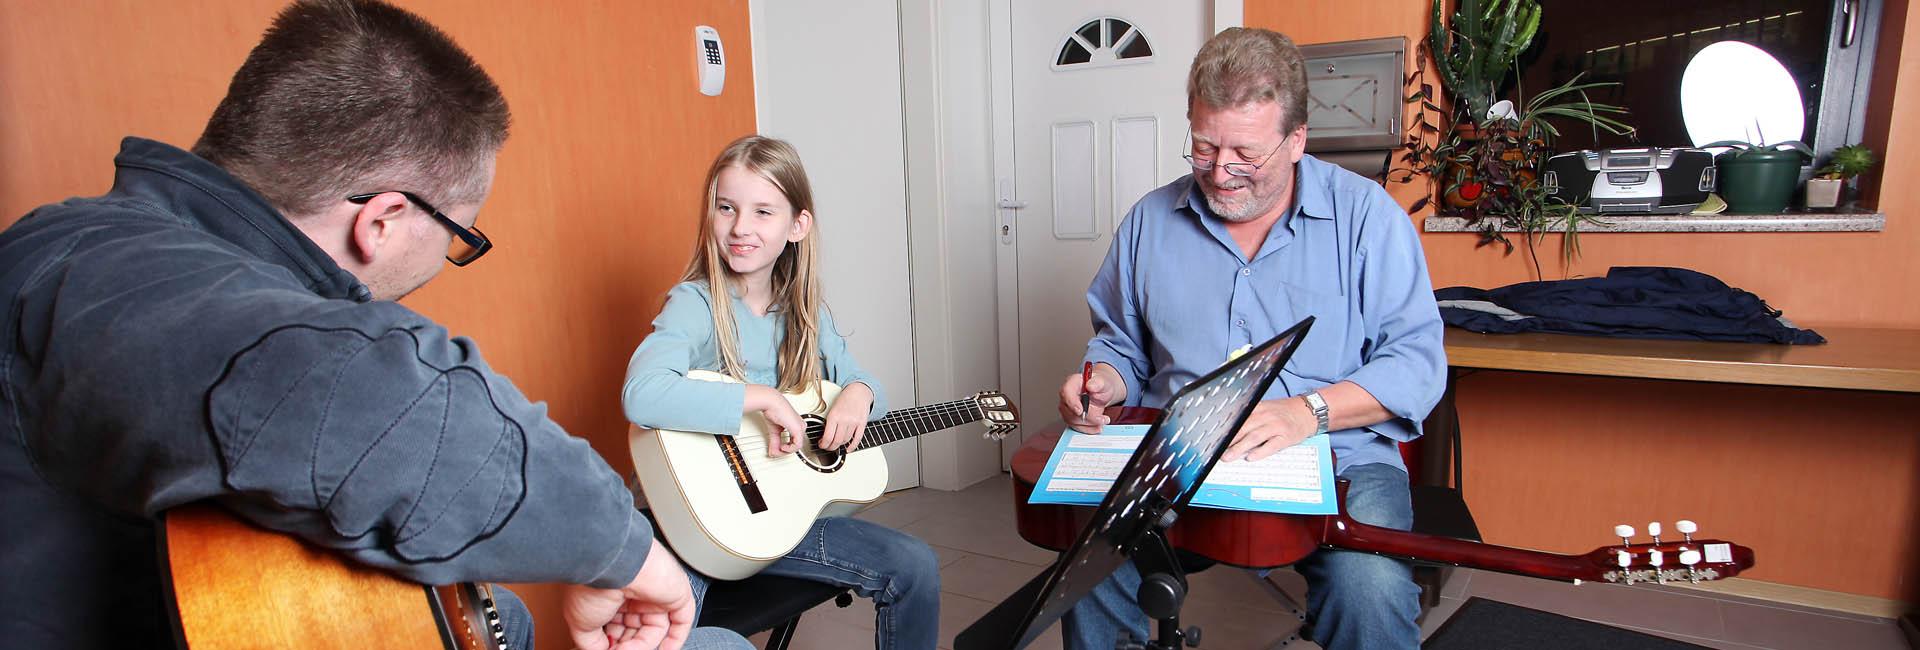 Musikunterricht in Schramberg Gitarre und Klavier